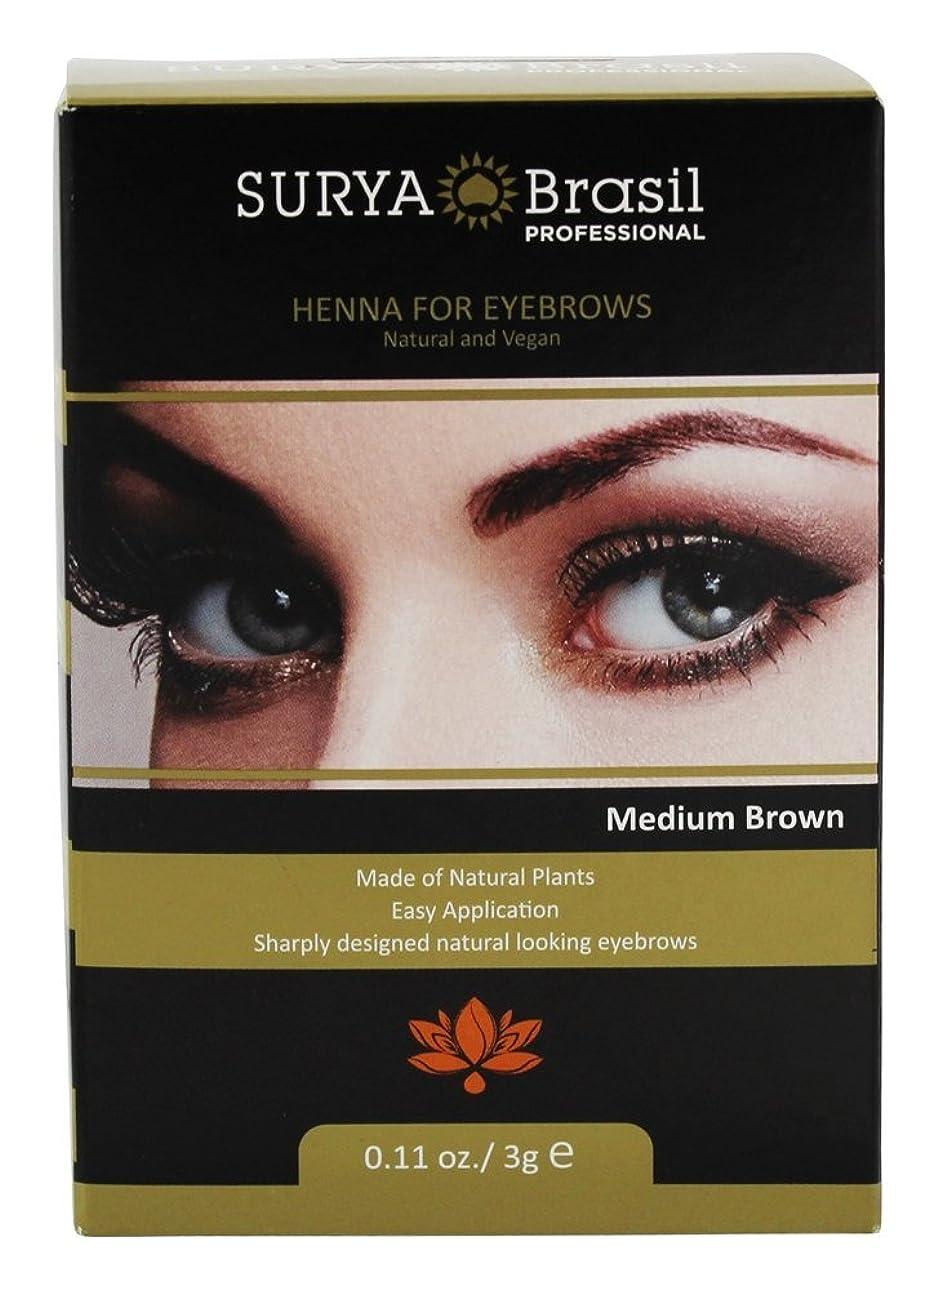 買い手下に型Surya Brasil Products 眉毛のためのヘナ、 0.11液量オンス ミディアムブラウン